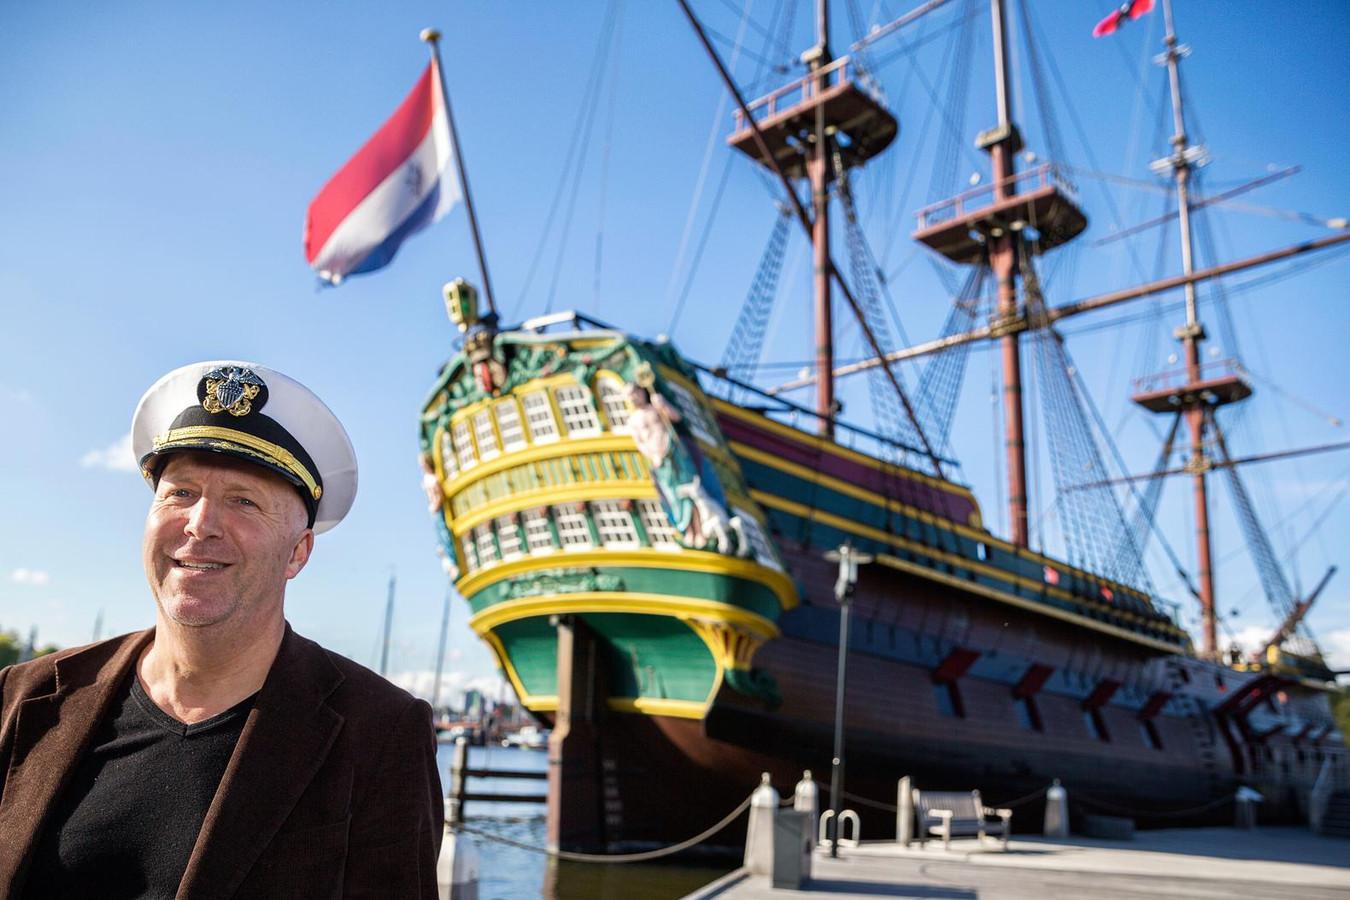 Gert Tetteroo, directeur van de stichting Henry Hudson 500, heeft een voorliefde voor verhalen uit de VOC-tijd.